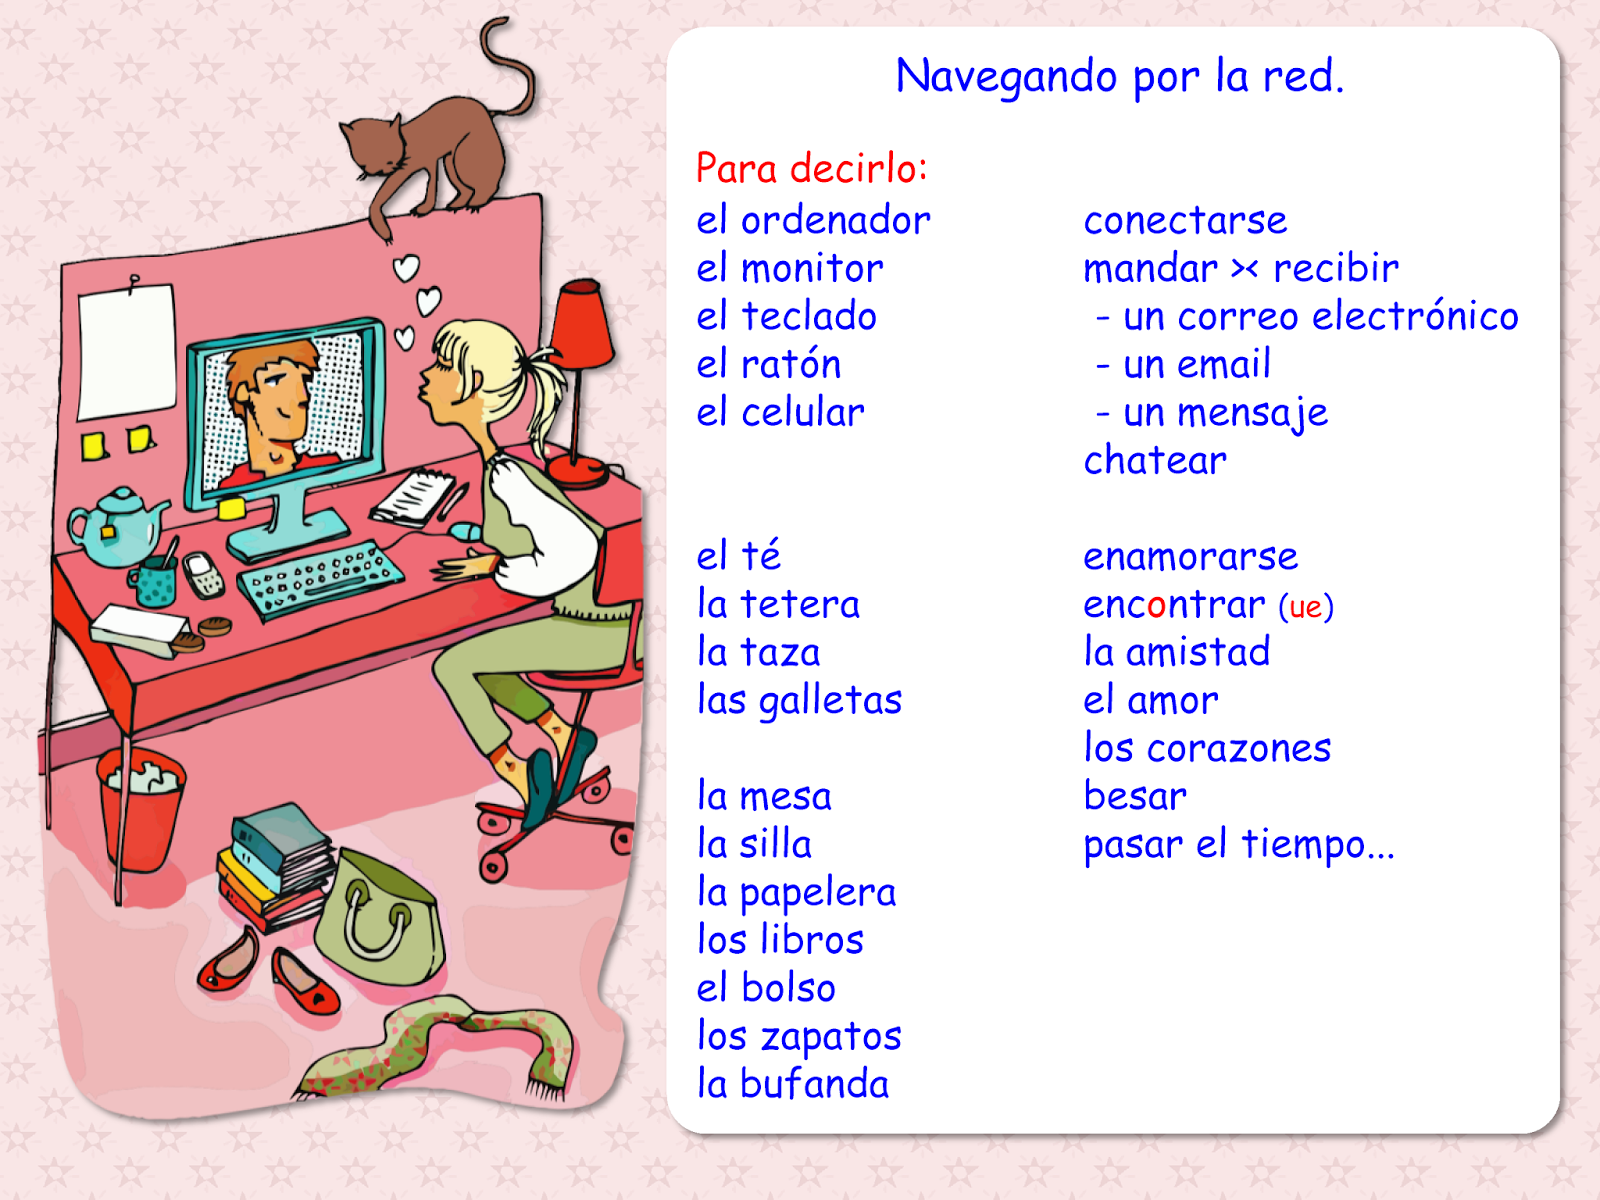 71cc13672fb10ff68547f744c497ef15 me encanta escribir en español comunicación navegando por la red